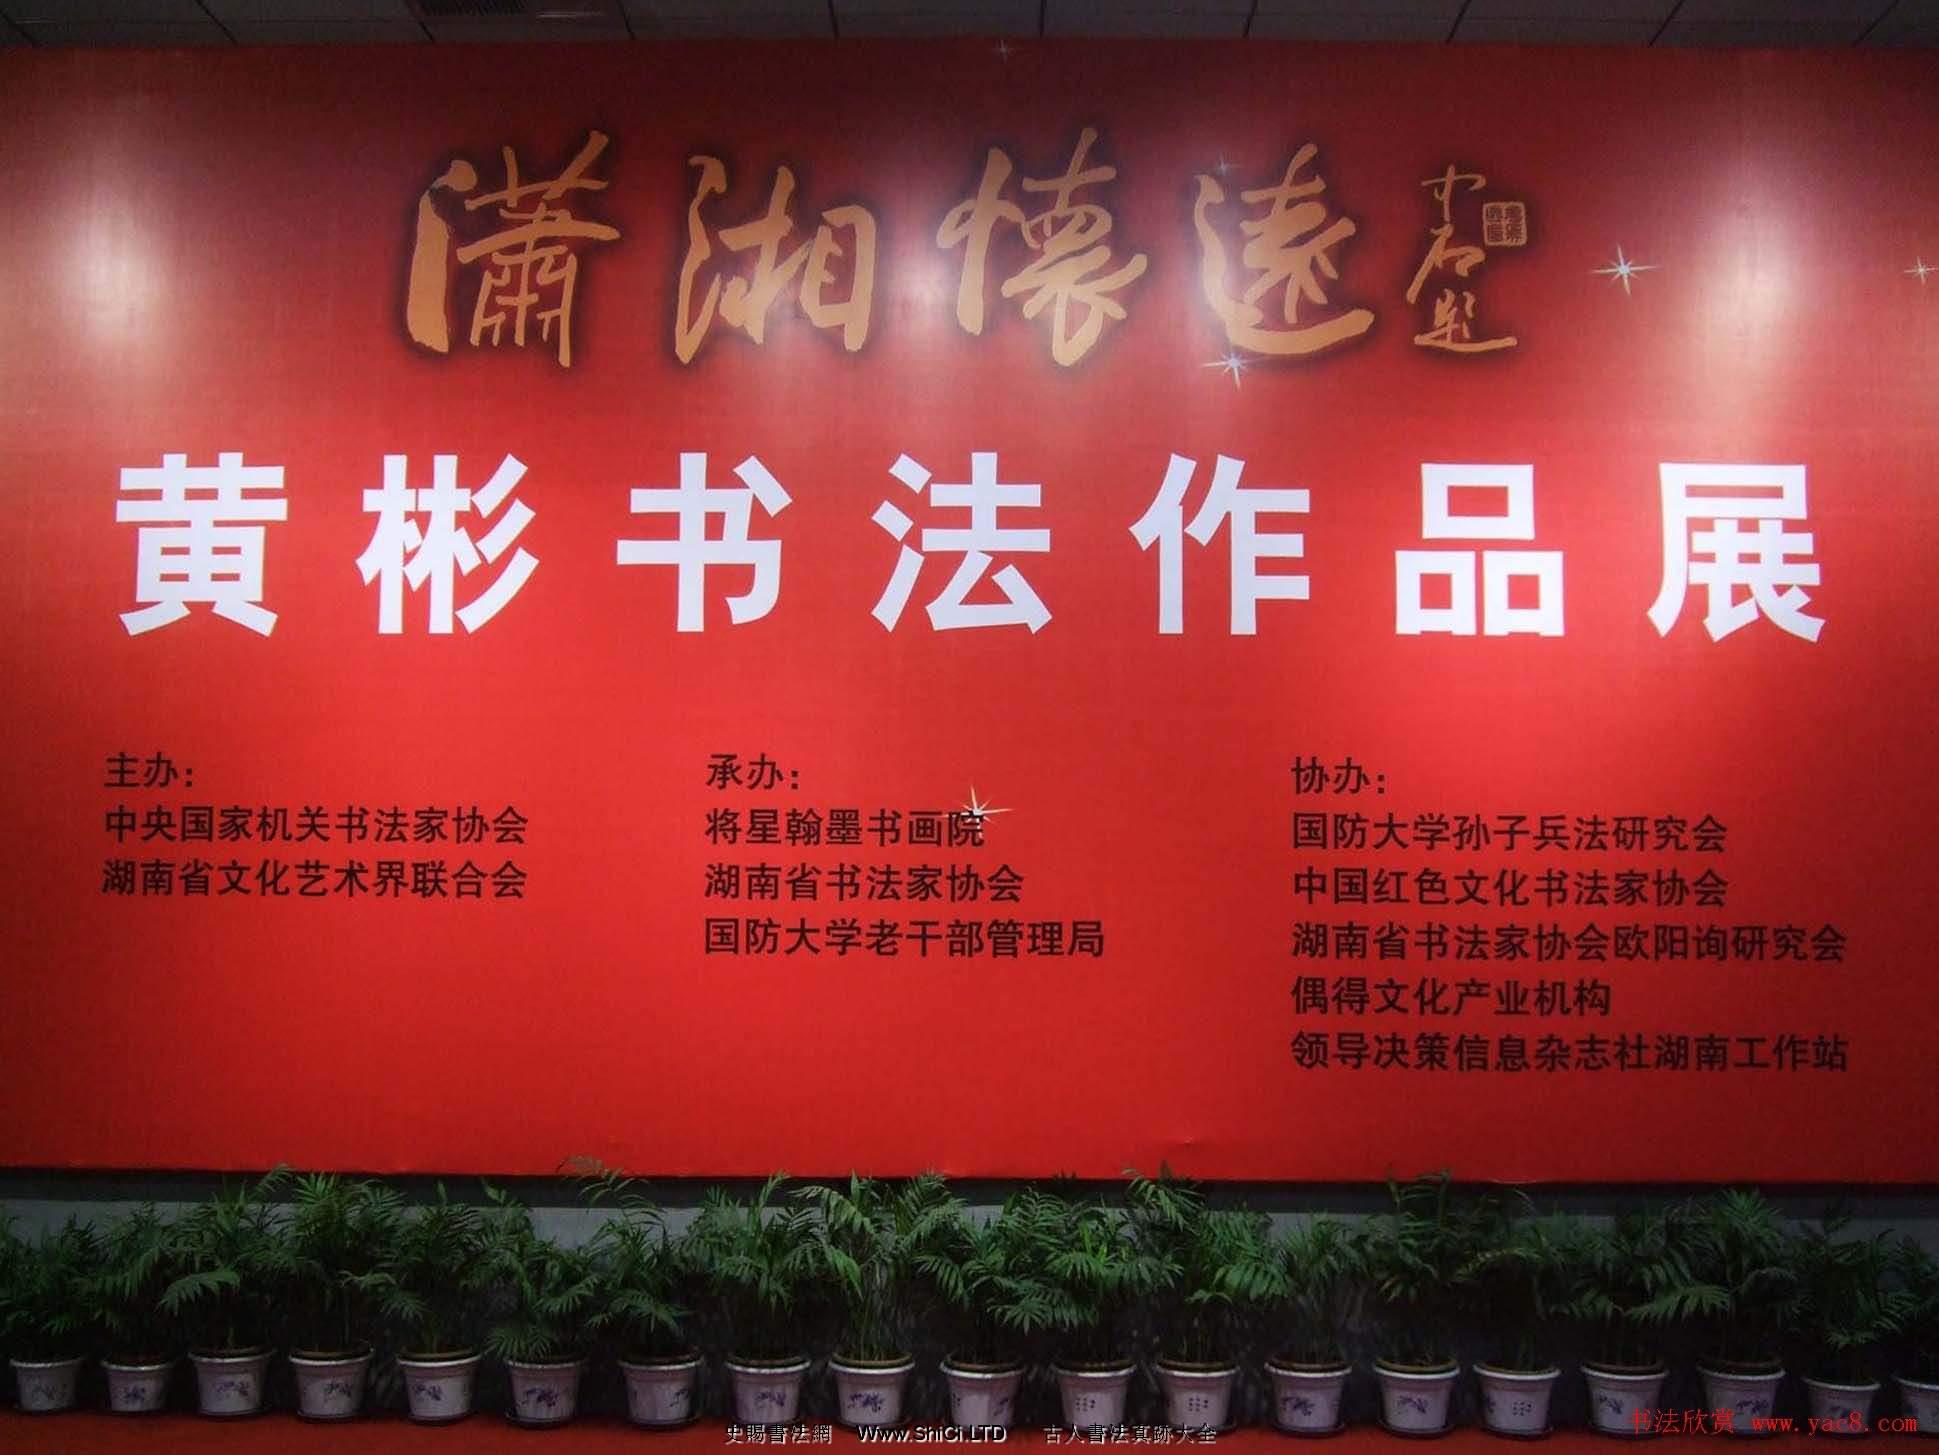 瀟湘懷遠—黃彬將軍書法作品真跡展(共43張圖片)